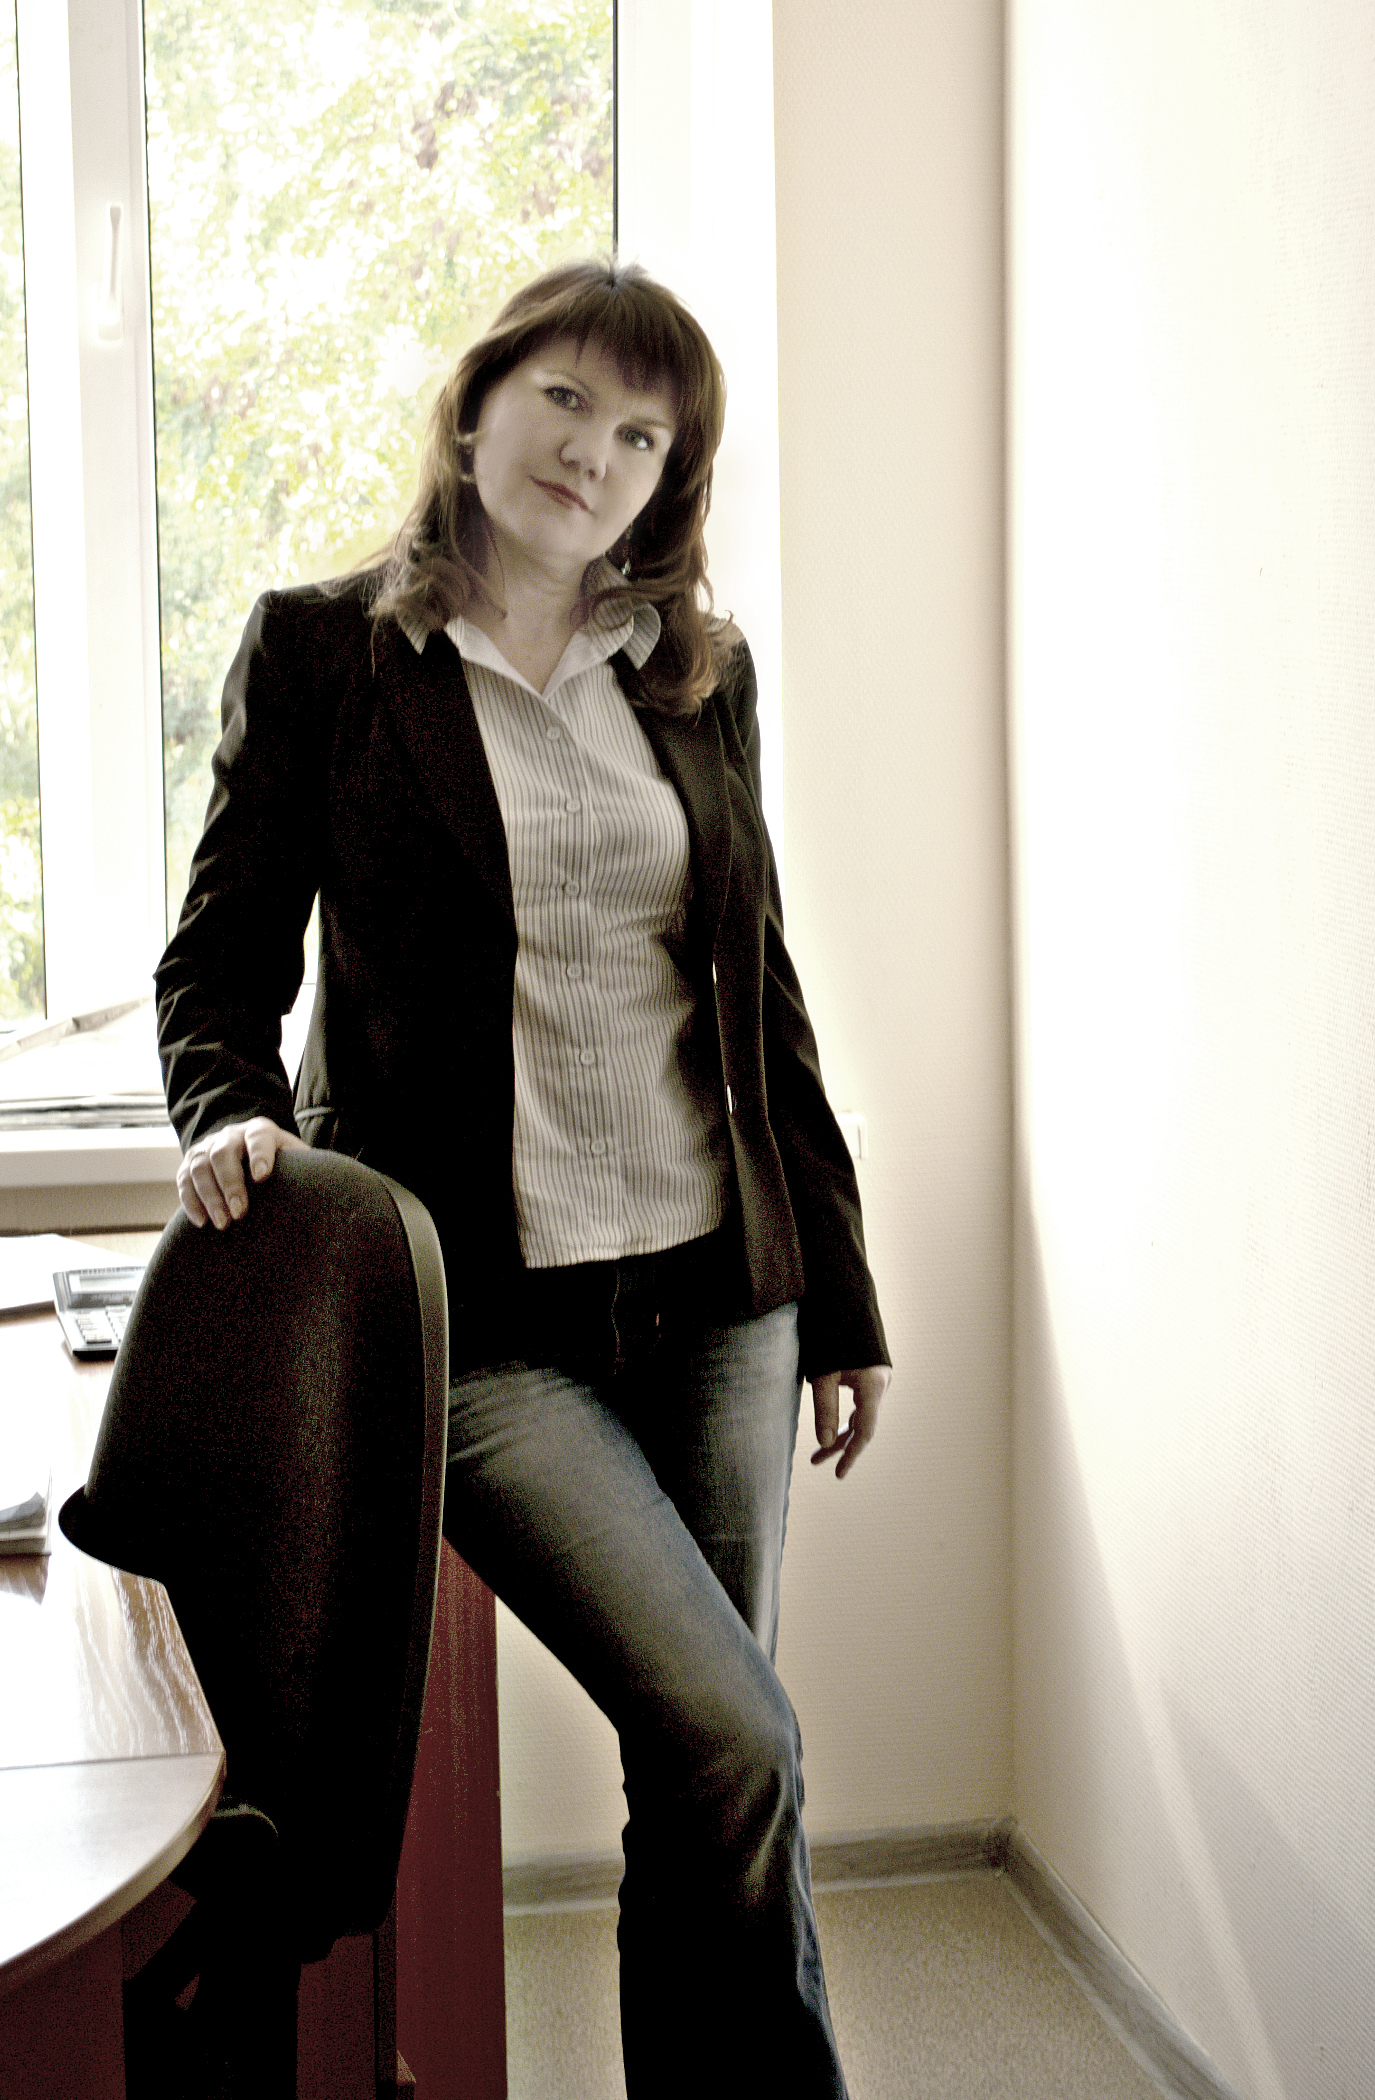 Natalia Bahtueva